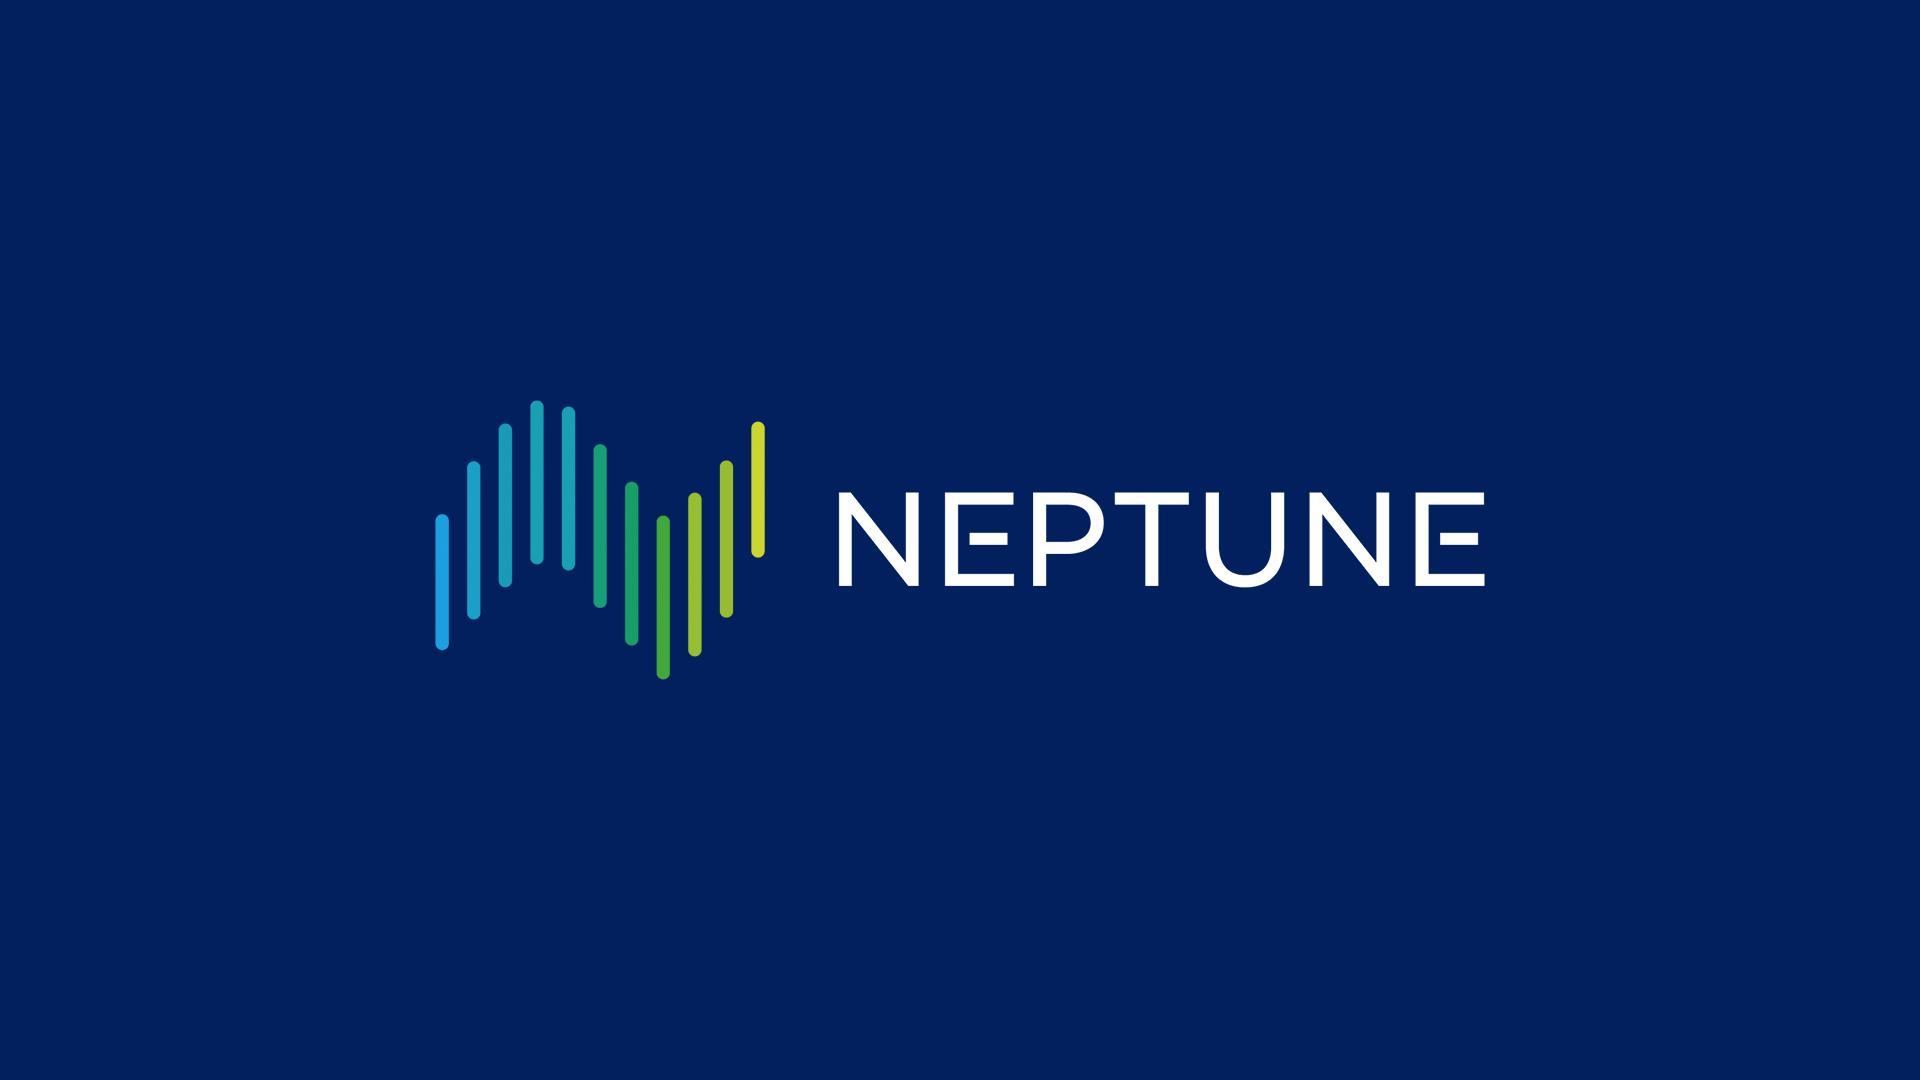 Neptune-1080-(1)